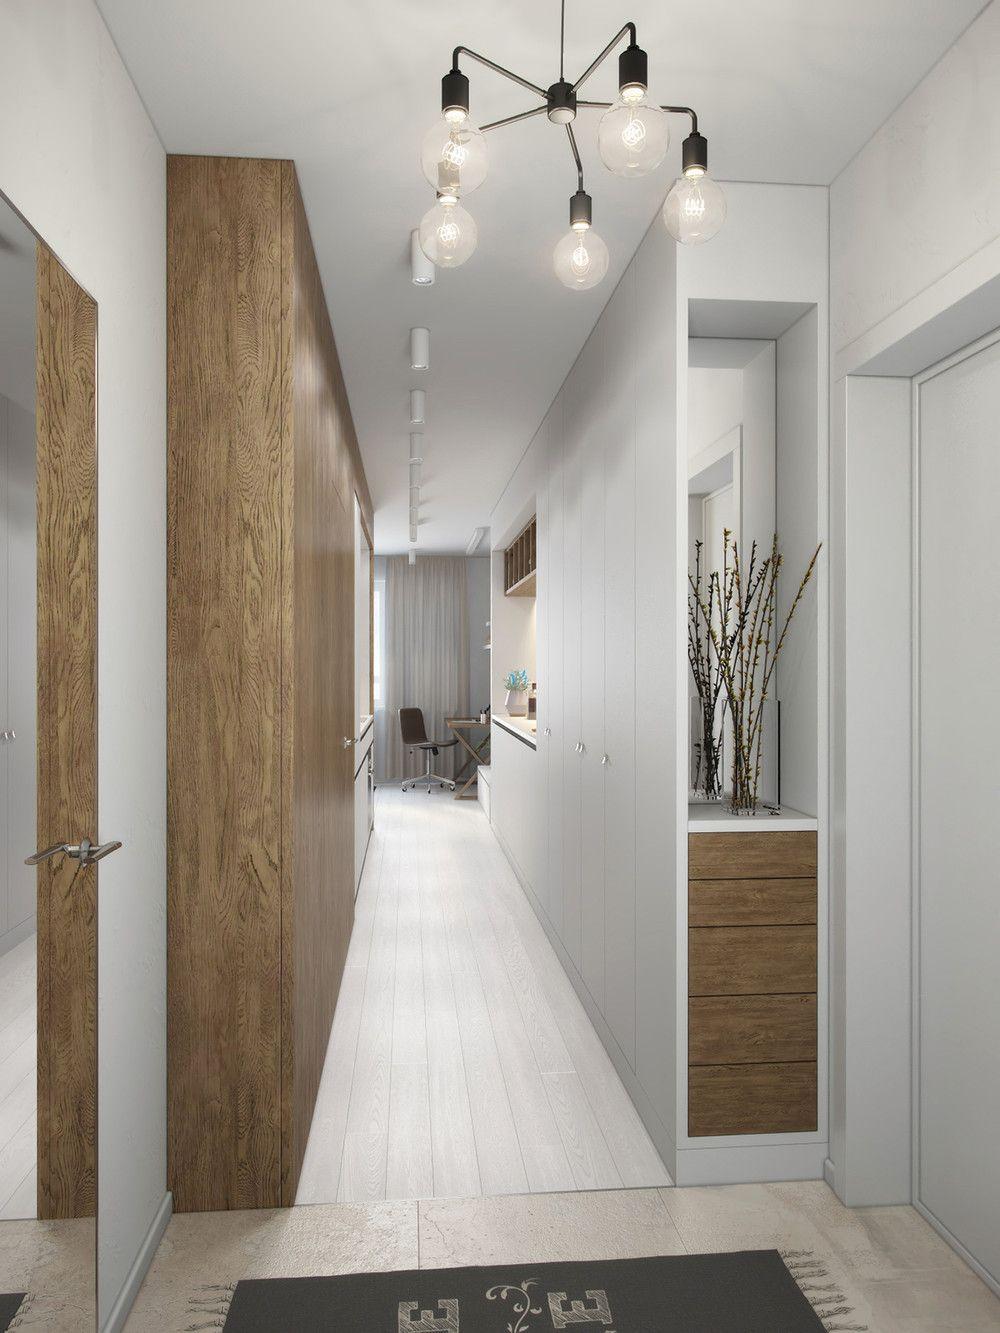 Plans pour aménager et décorer un appartement de 30m2 | Interior ...